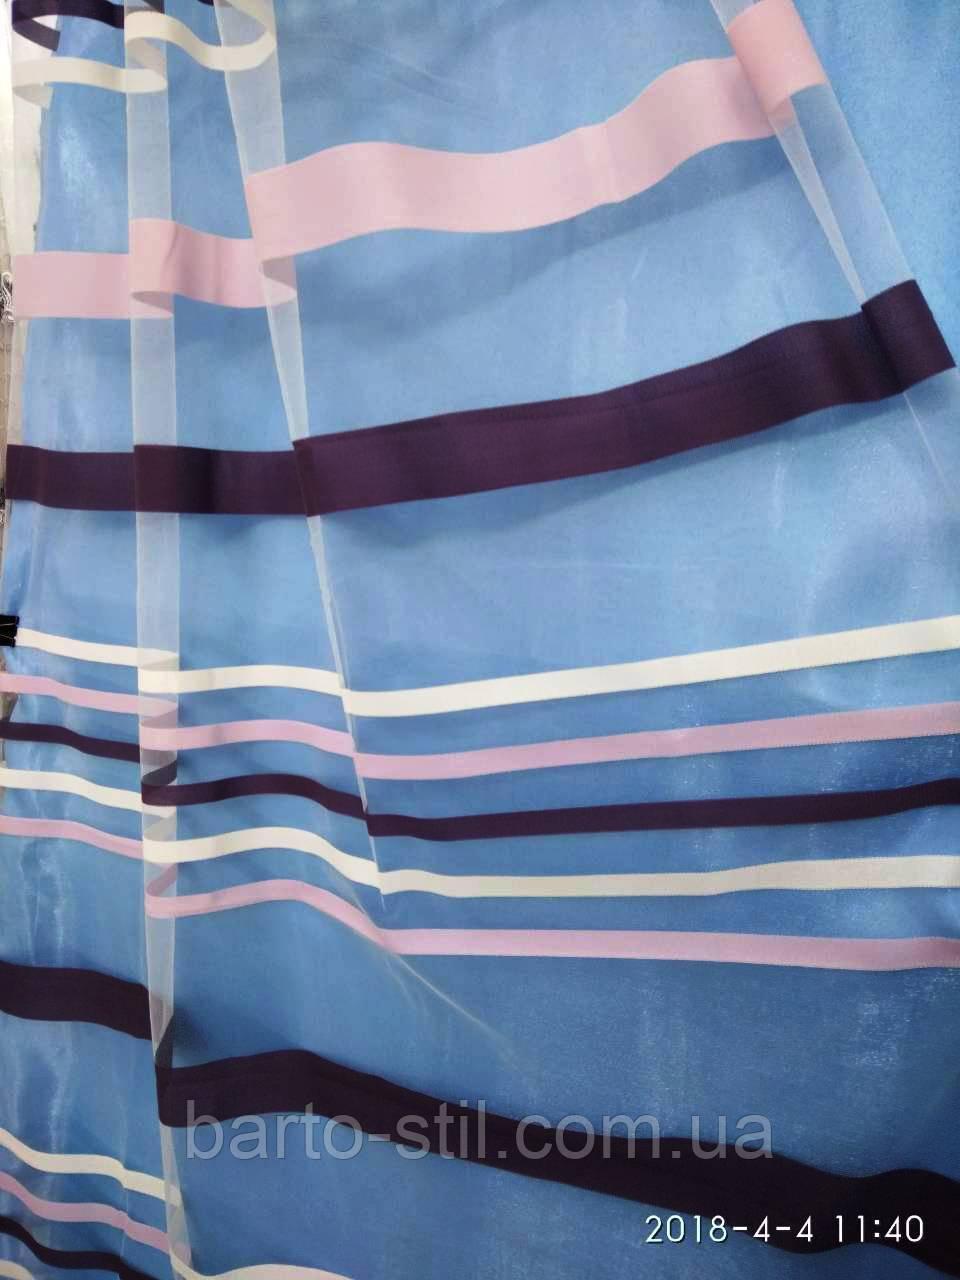 Фатиновая тюль с тканьевыми  полосками Оптом и на метраж Высота 3 м